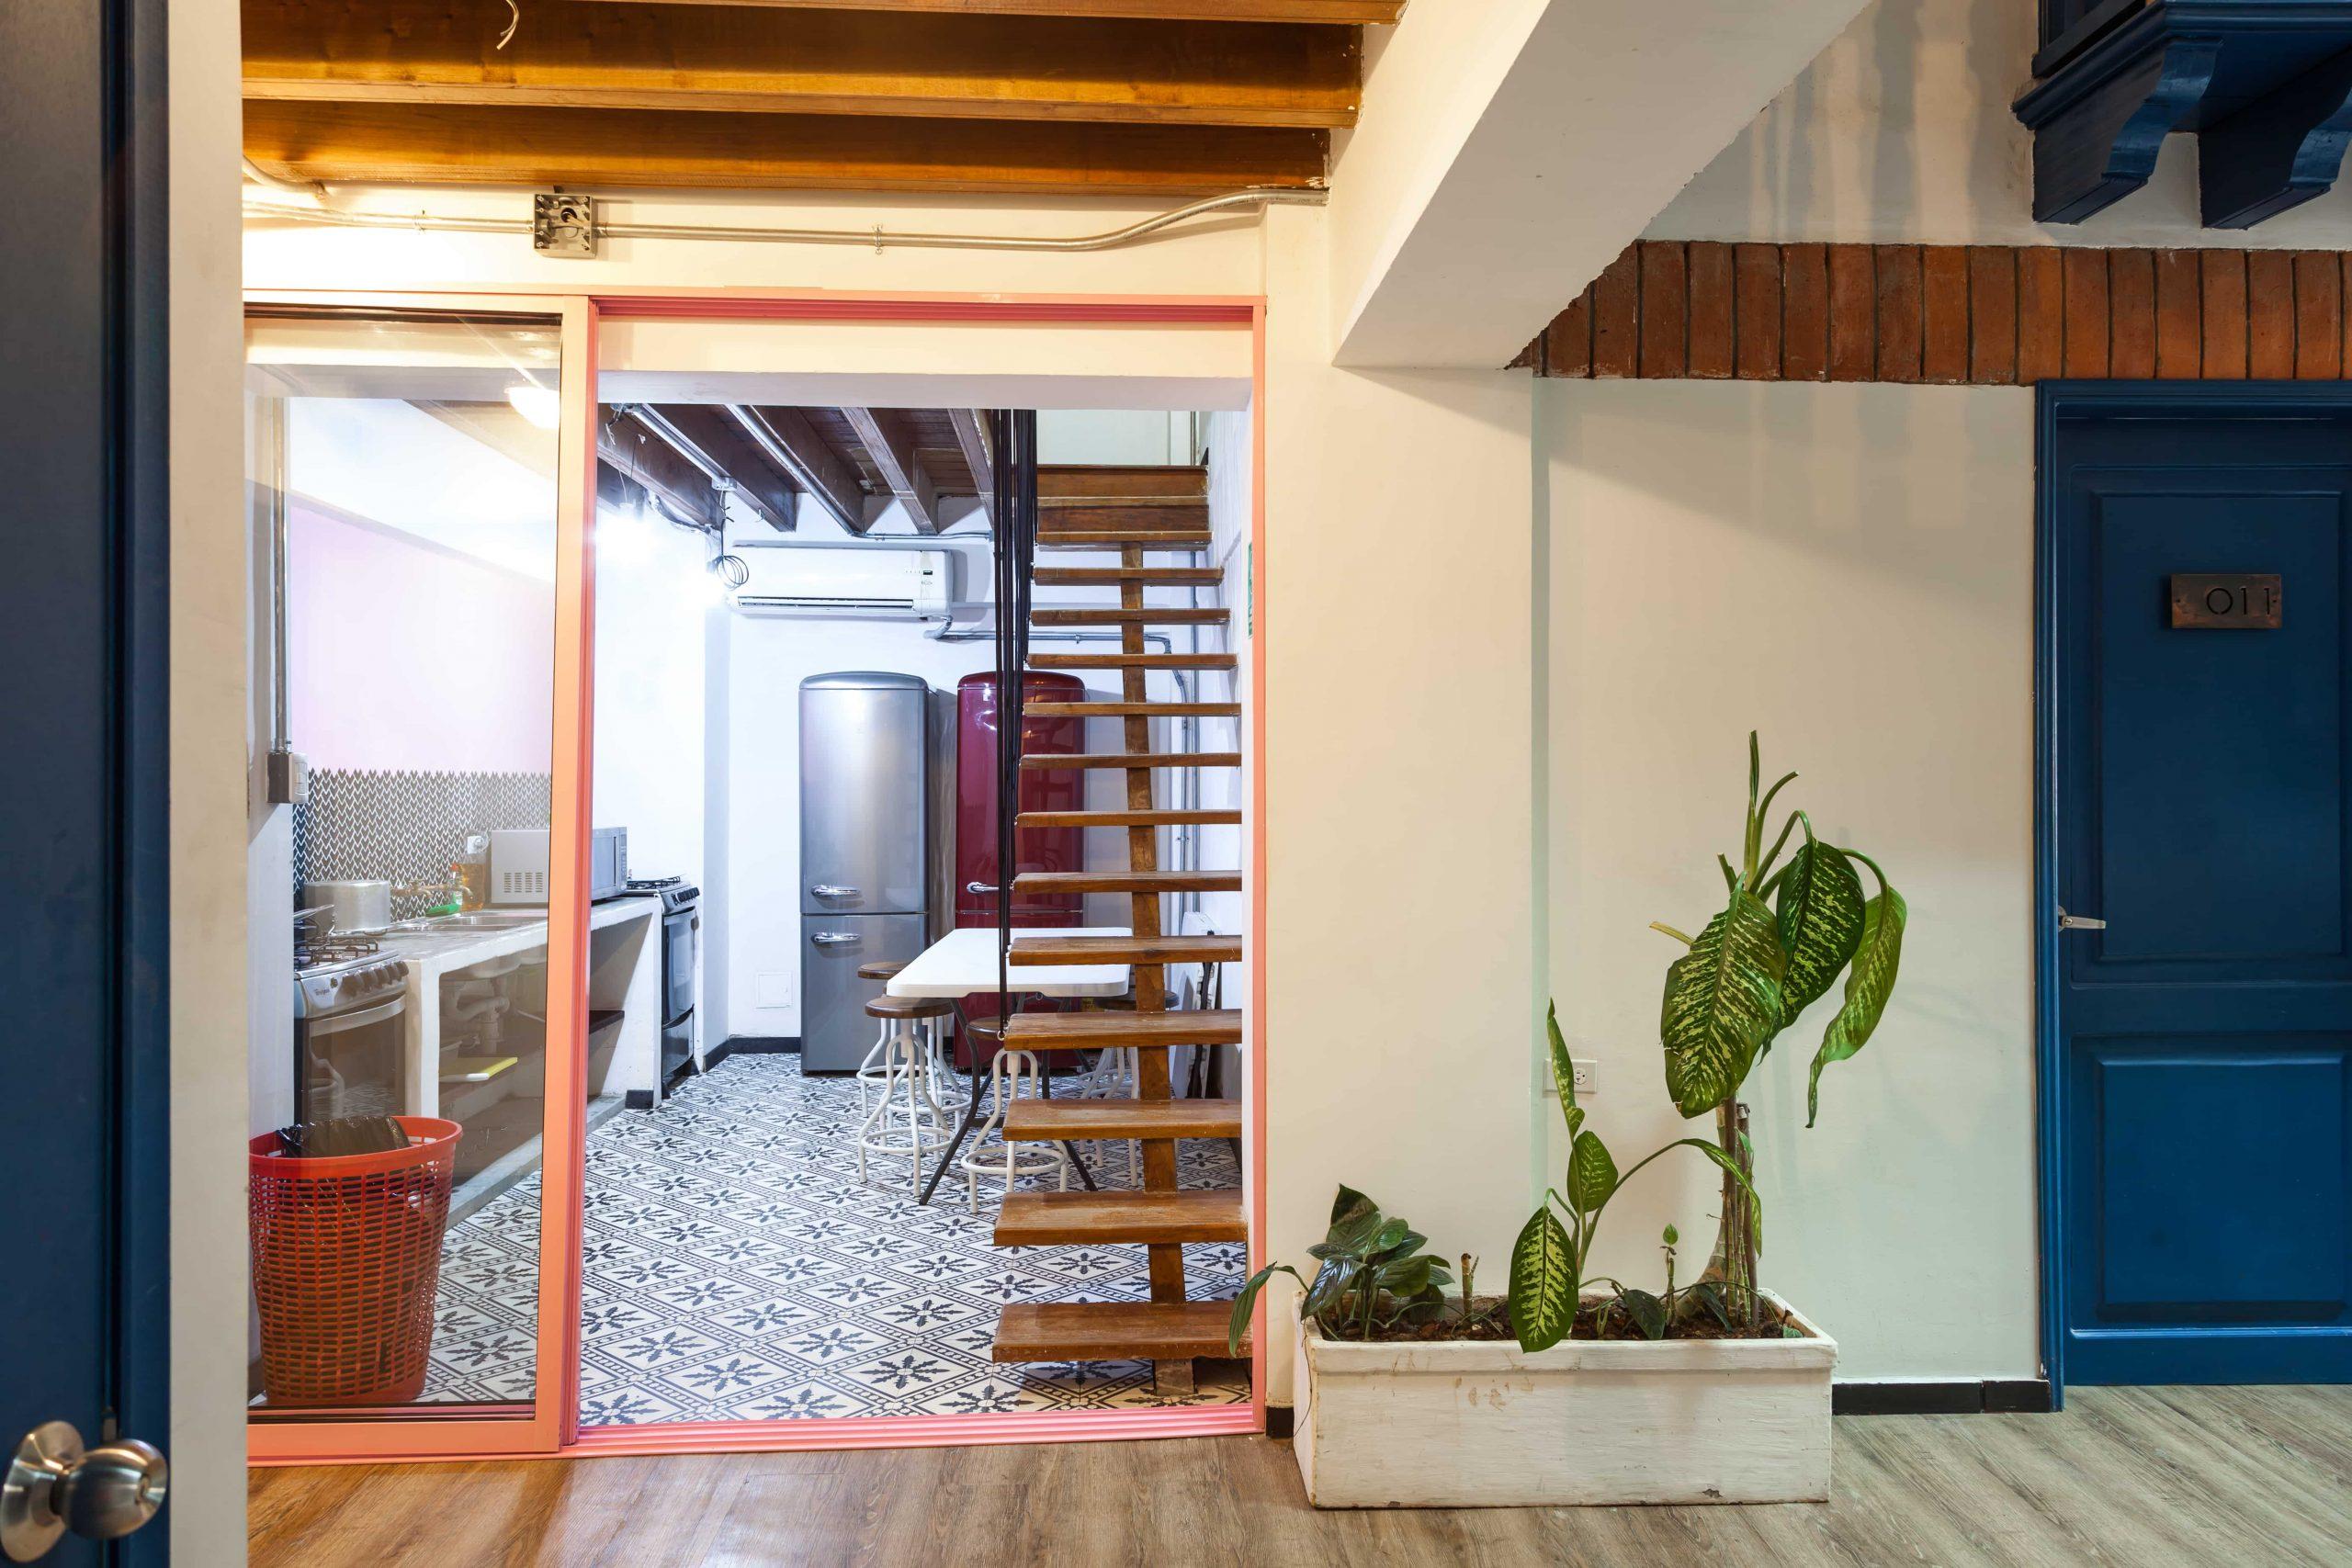 dónde hospedarse en cartagena colombia 3